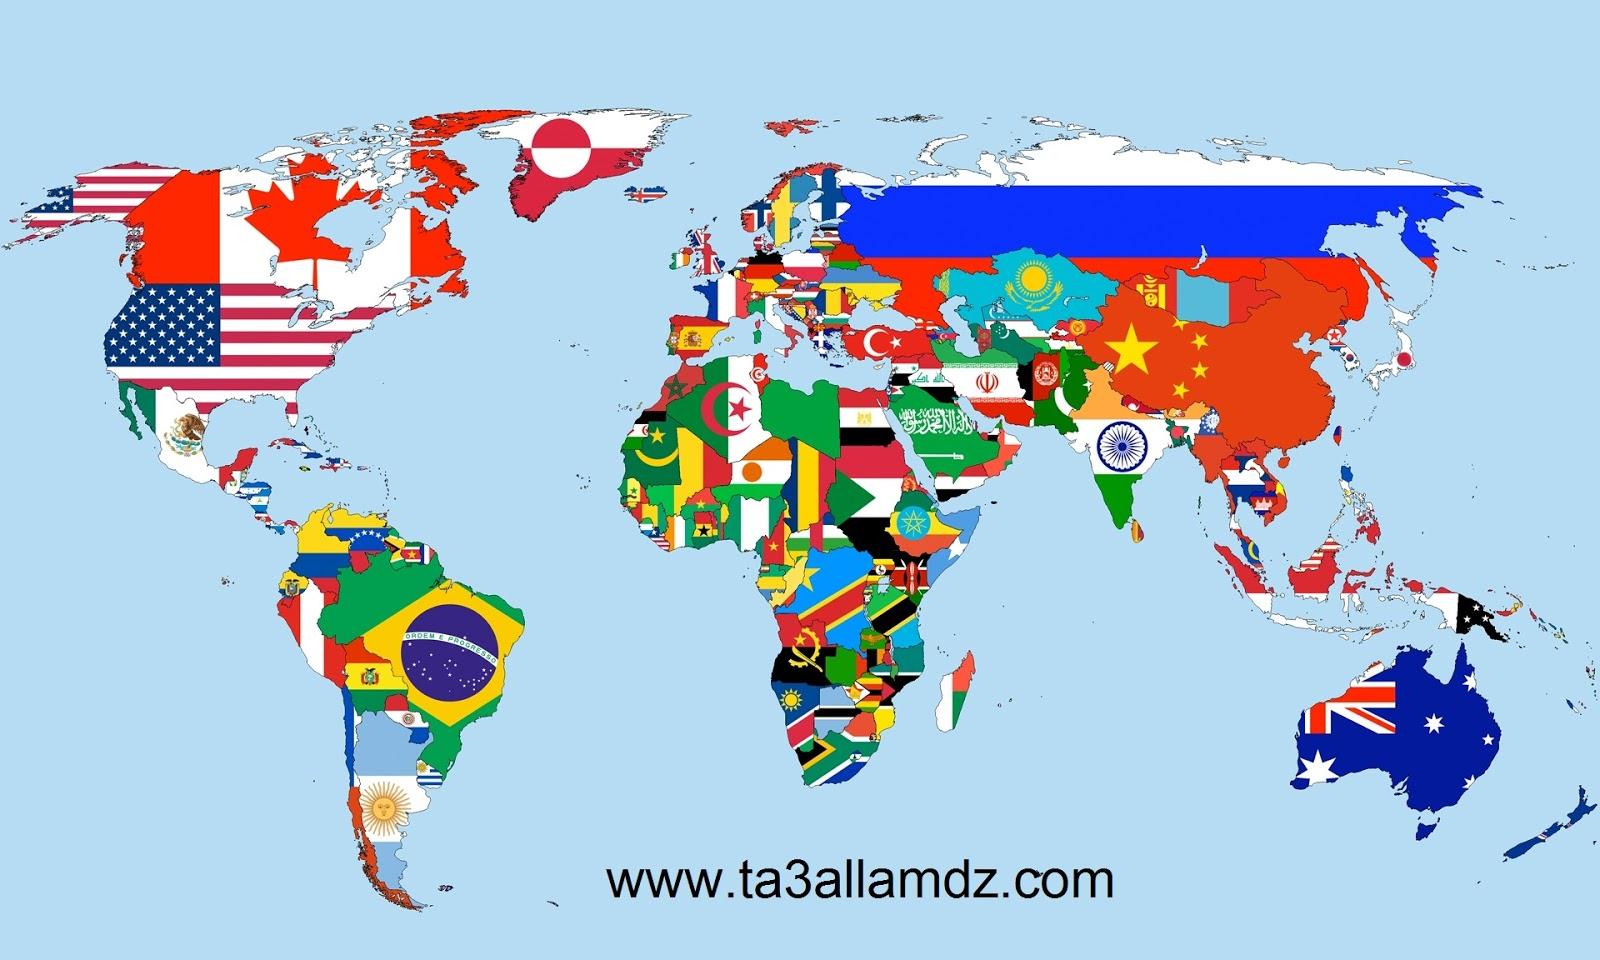 كم هو عدد دول العالم هل صحيح أن عددها هو 230 دولة عالم تعلم